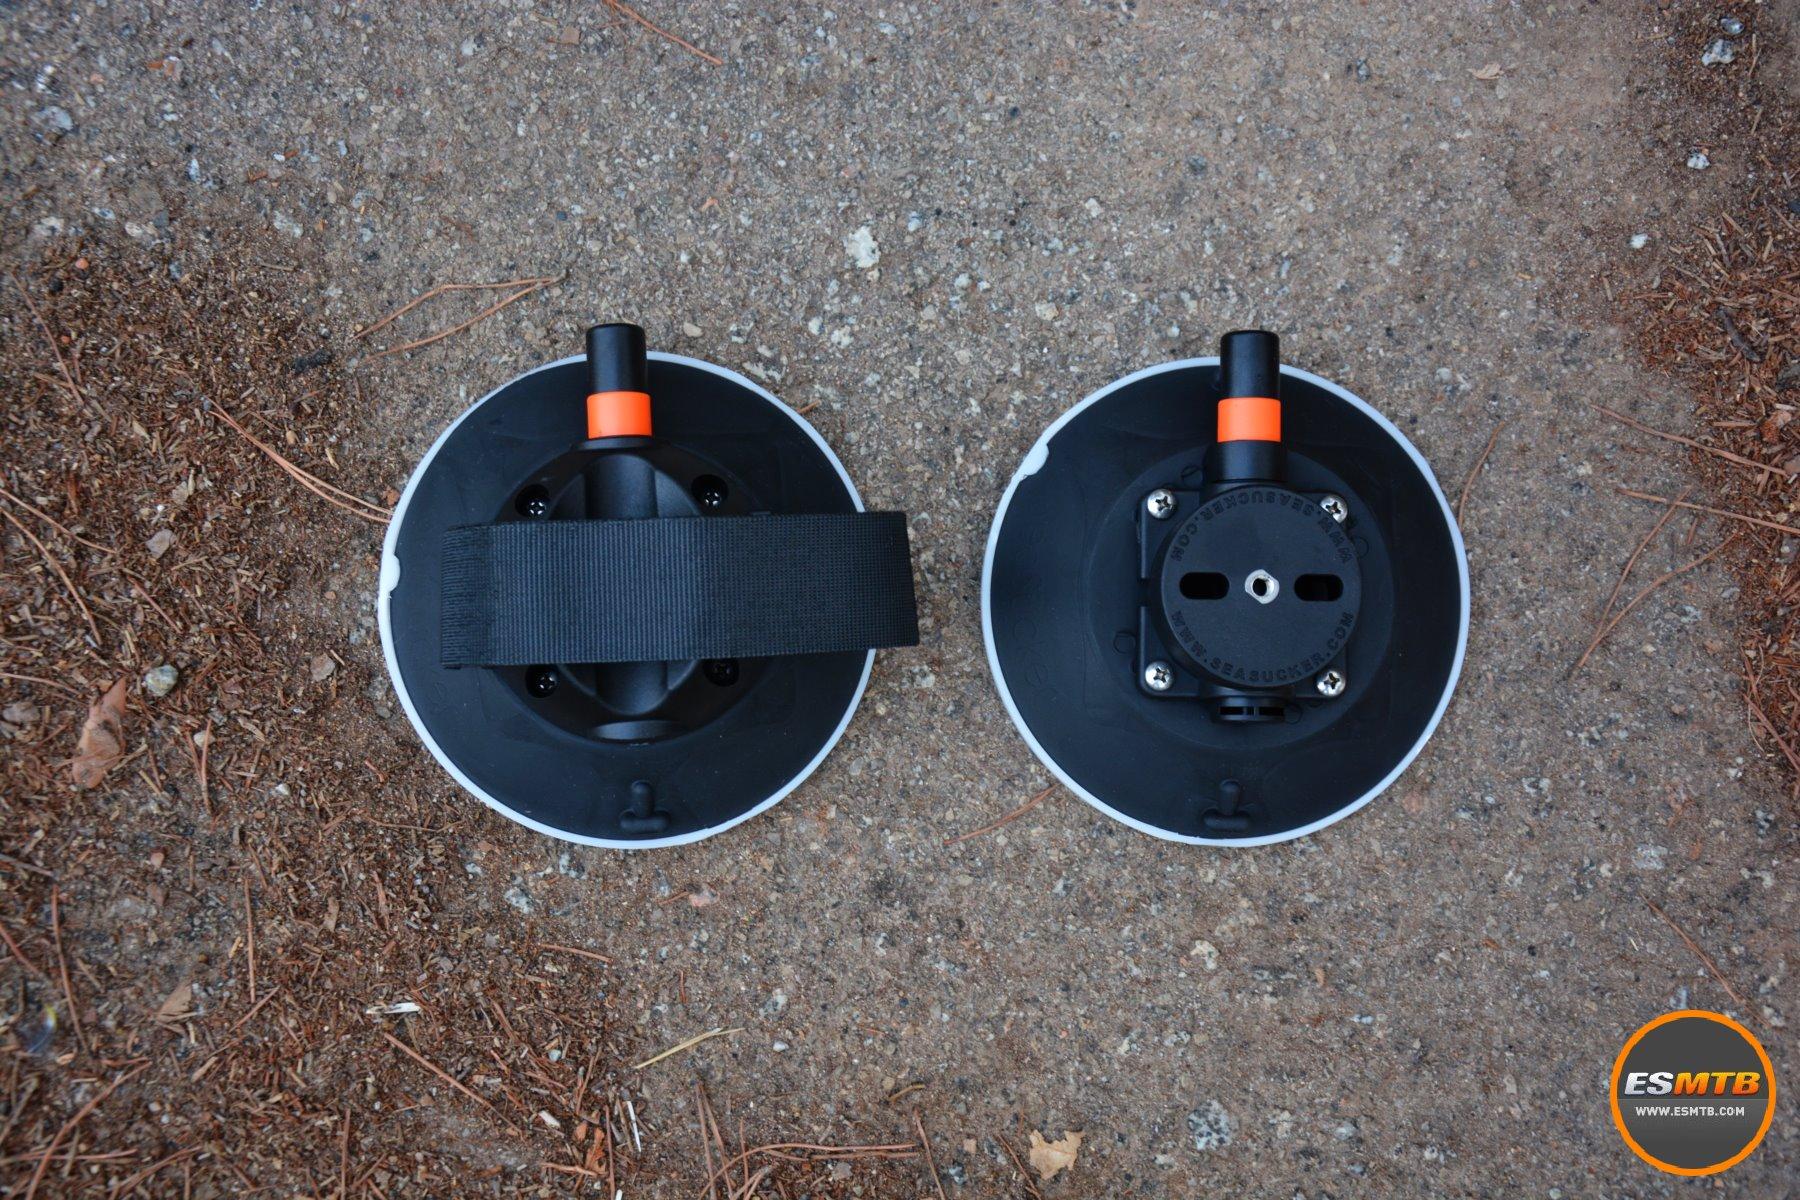 El soporte trasero para la rueda trasera, con velcro para fijar la rueda. Y una ventosa de repuesto incluída en el kit